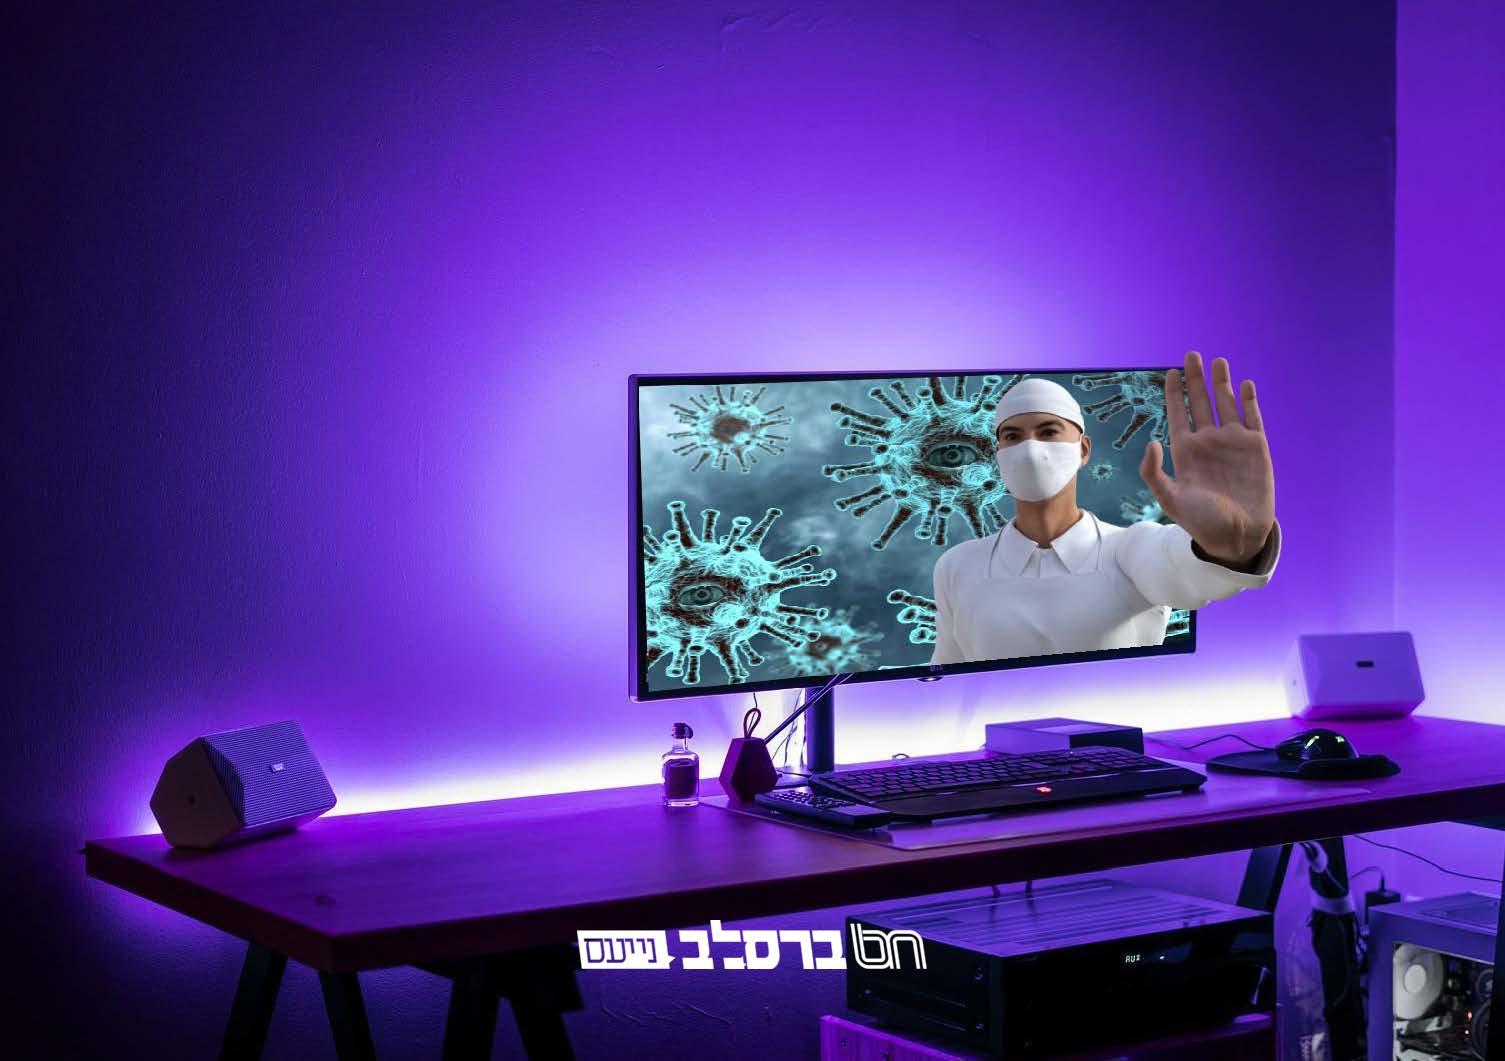 דרמה בינלאומית: מדענים עולמיים מוכיחים שנגיף הקורונה מדבק דרך האינטרנט